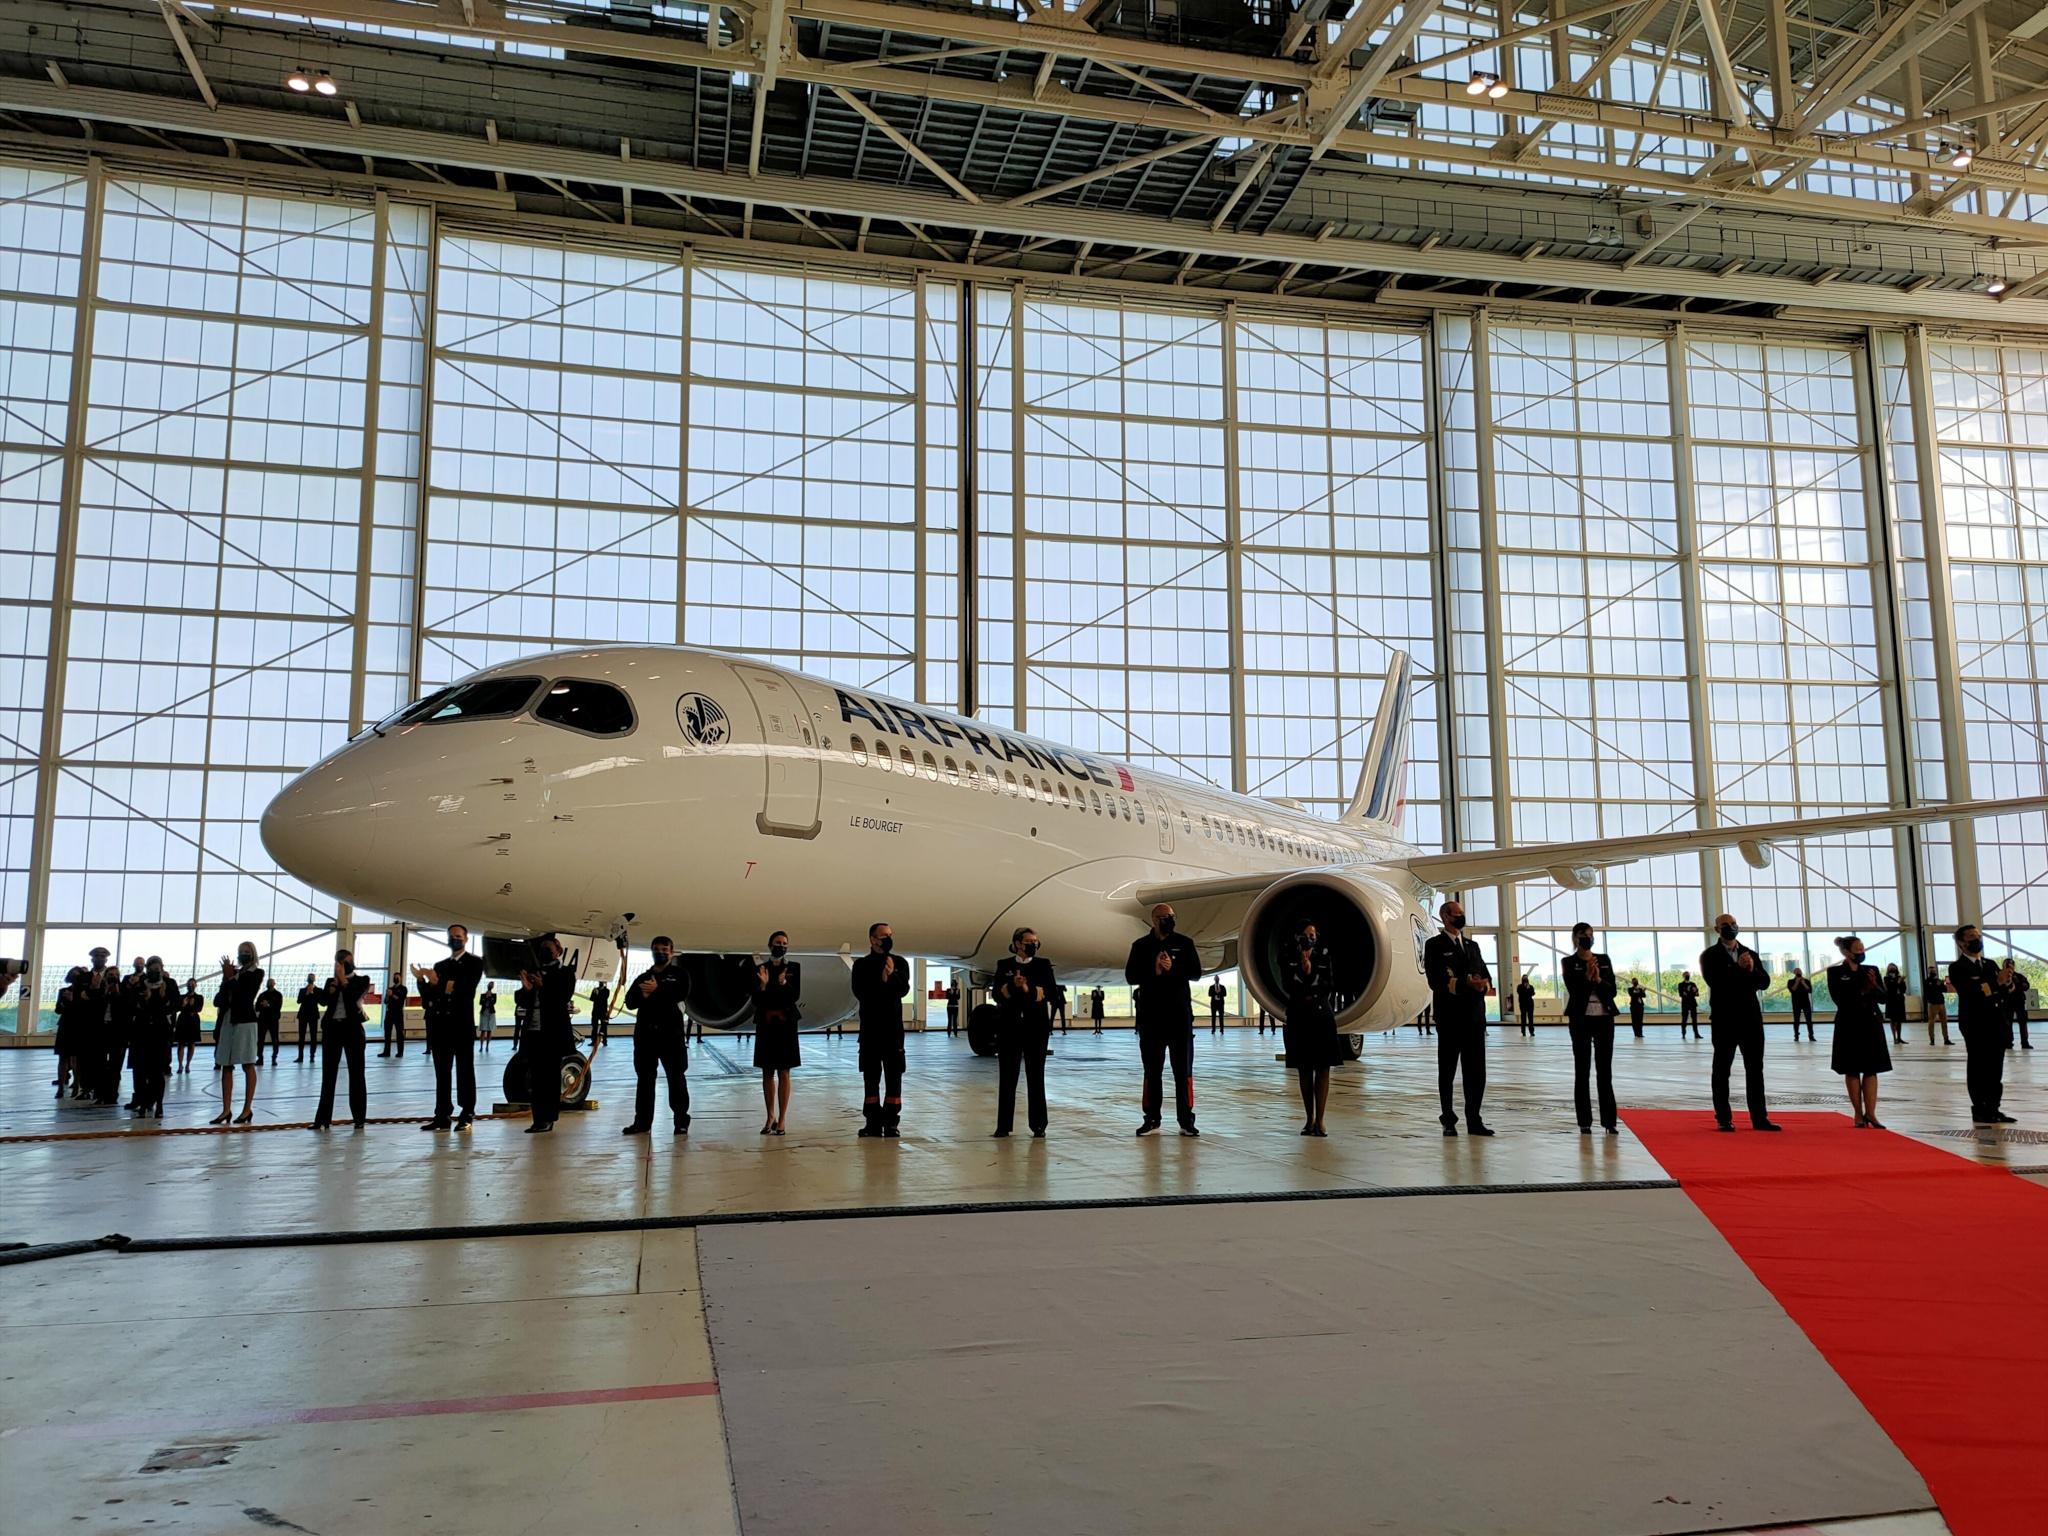 Air France : D'ici mars 2022, le transporteur prévoit de revenir à une offre correspondant à environ 90% de celle de 2019 sur les Etats-Unis - © PG TM